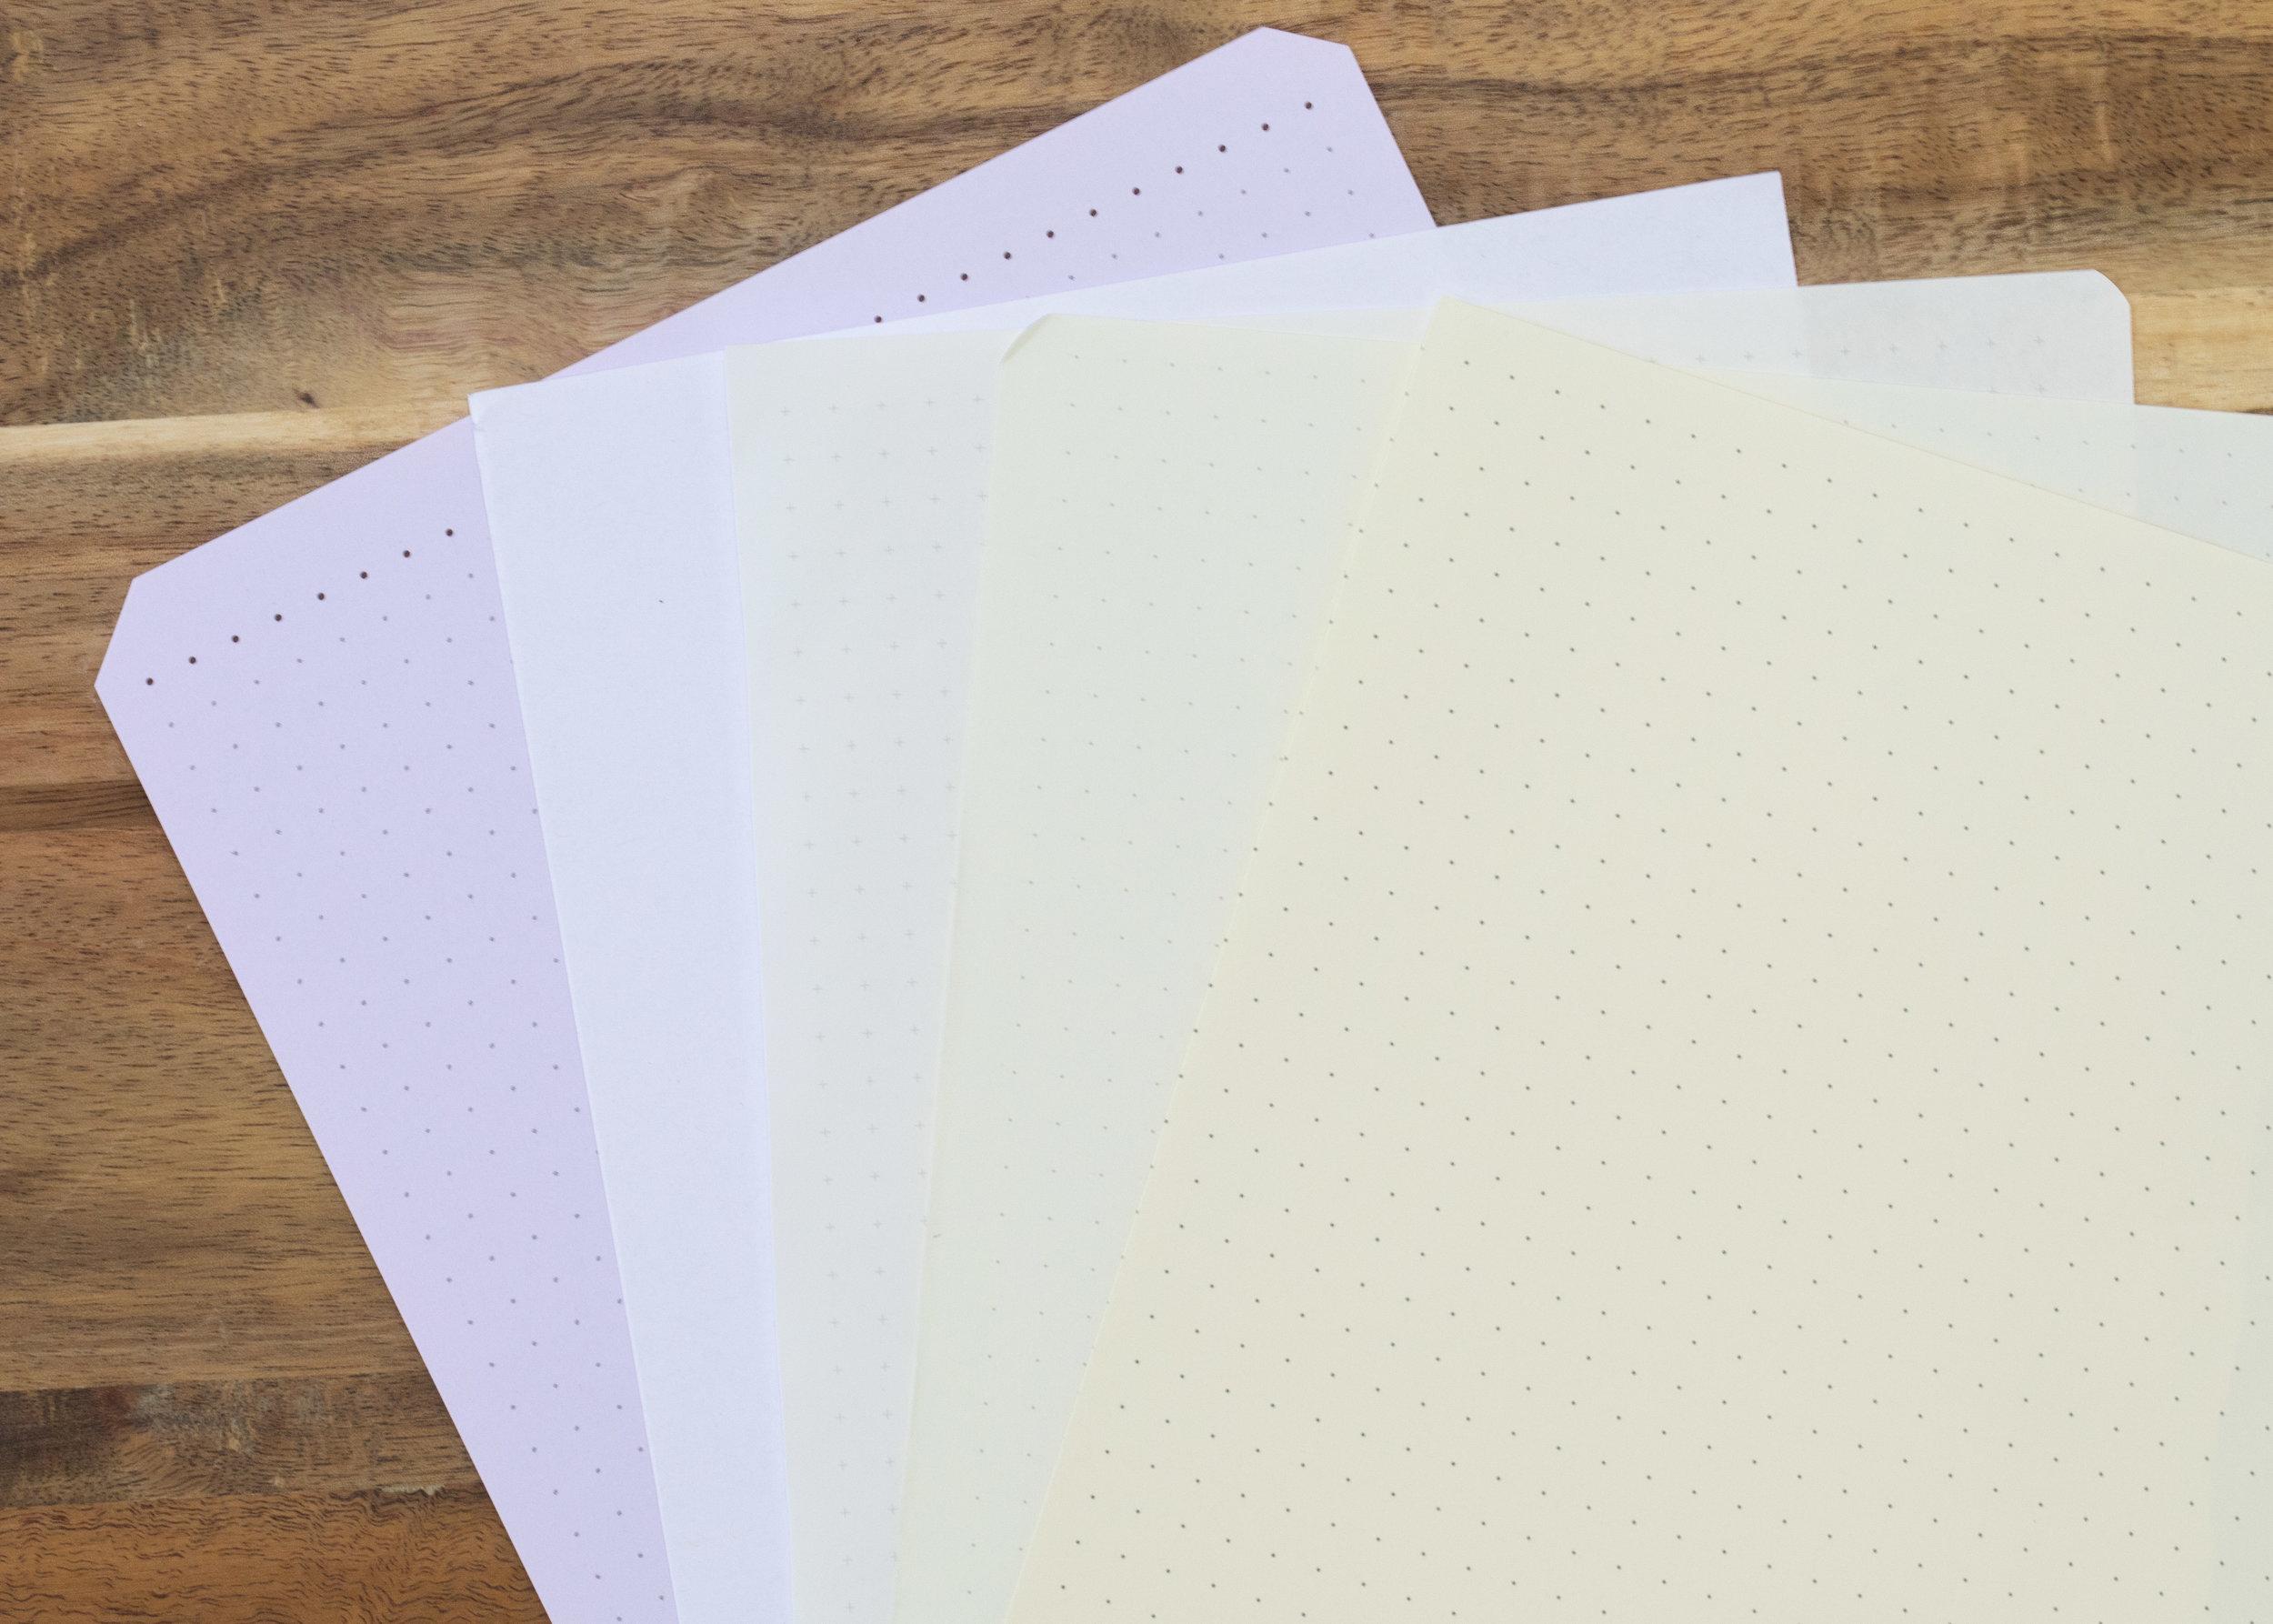 fc-notepad-4.jpg